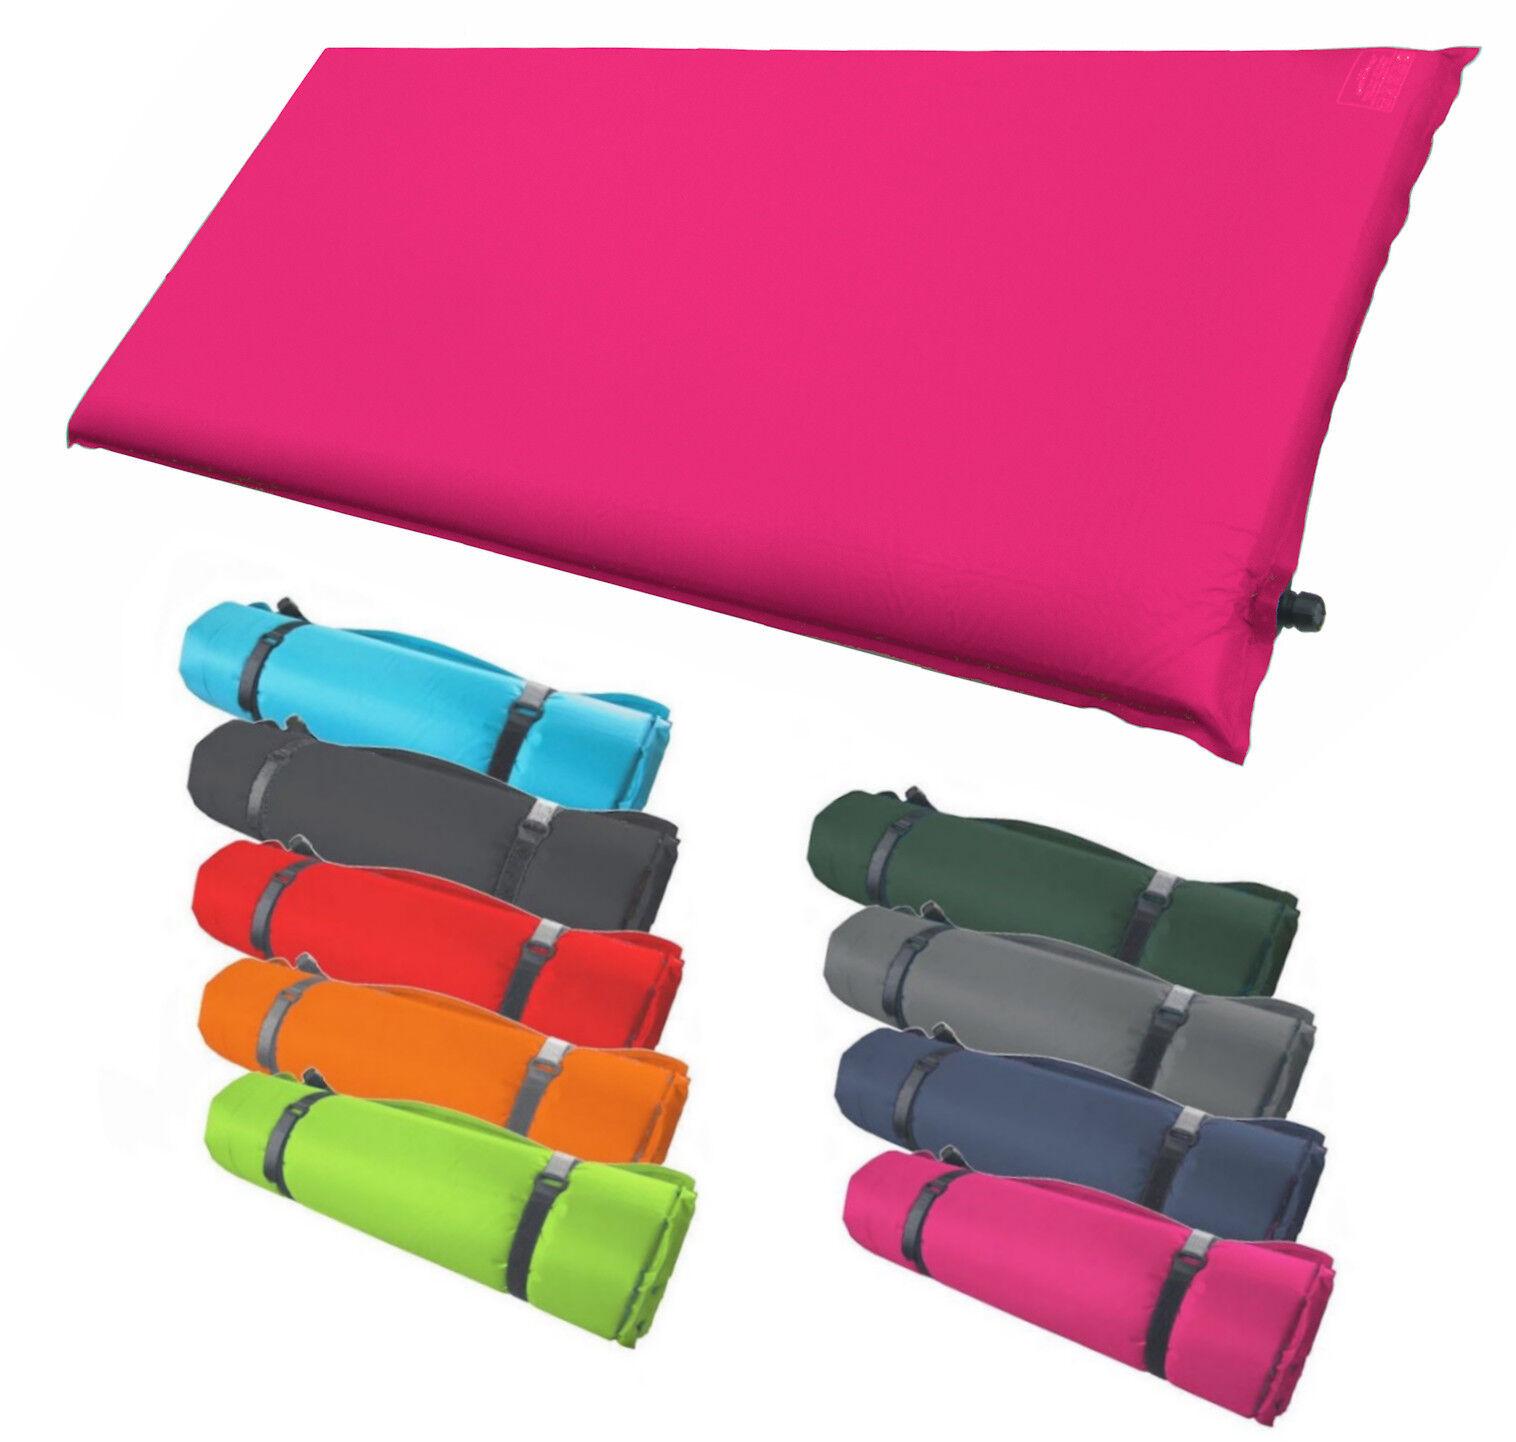 Isomatte Selbstaufblasend - 200 200 200 x 66 x 6 cm - Campingmatte Luftmatratze Farbwahl  | Ich kann es nicht ablegen  661577